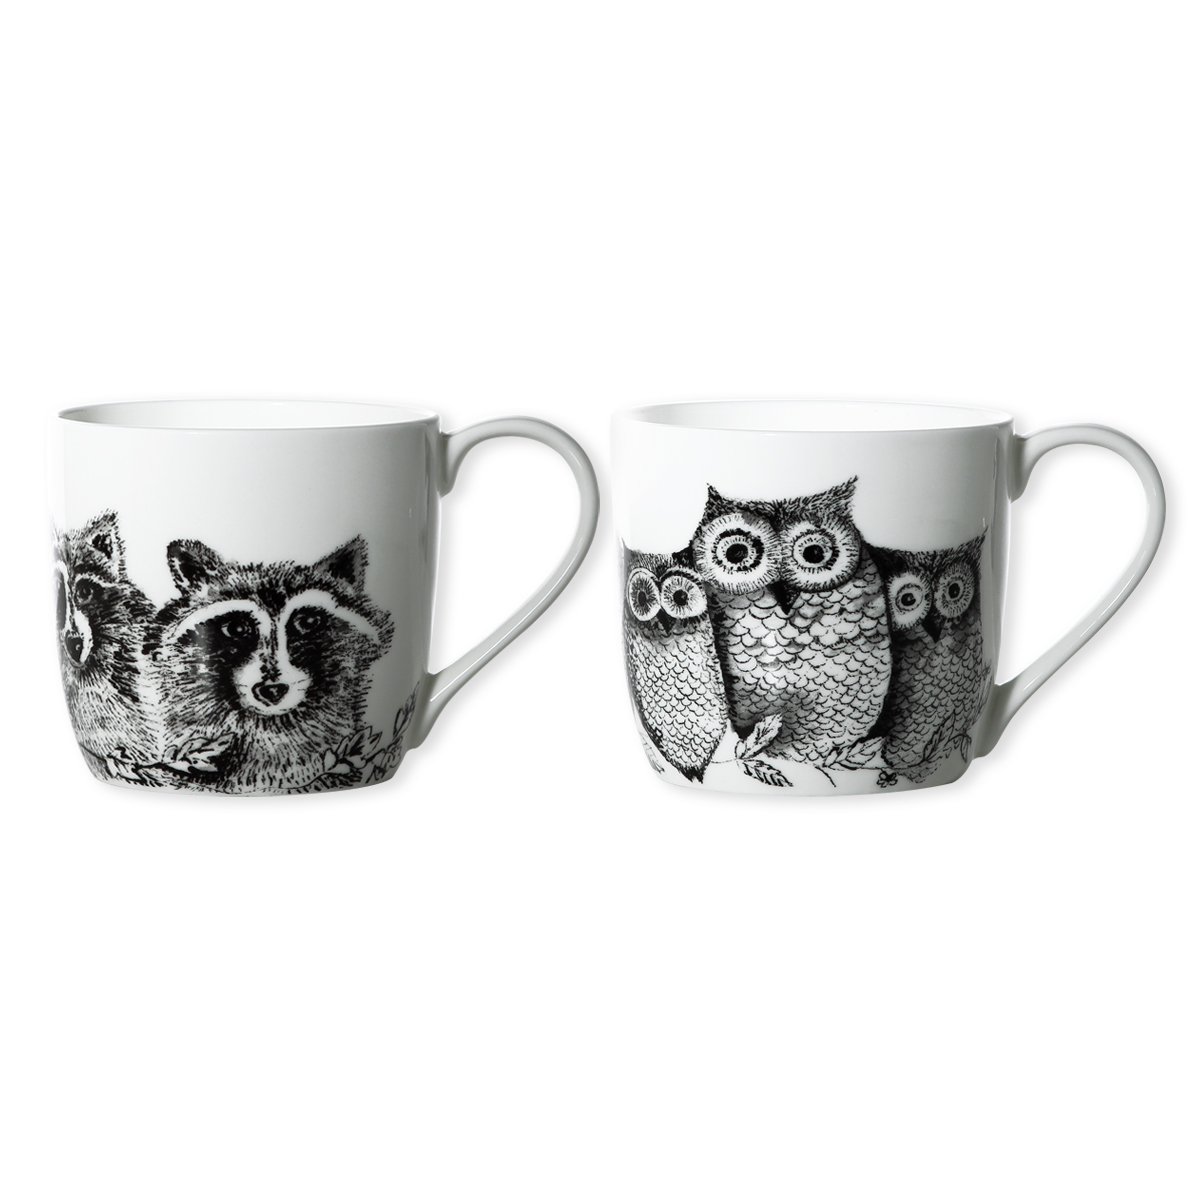 mug d cor animaux en porcelaine 30cl mugs tendance bruno evrard. Black Bedroom Furniture Sets. Home Design Ideas